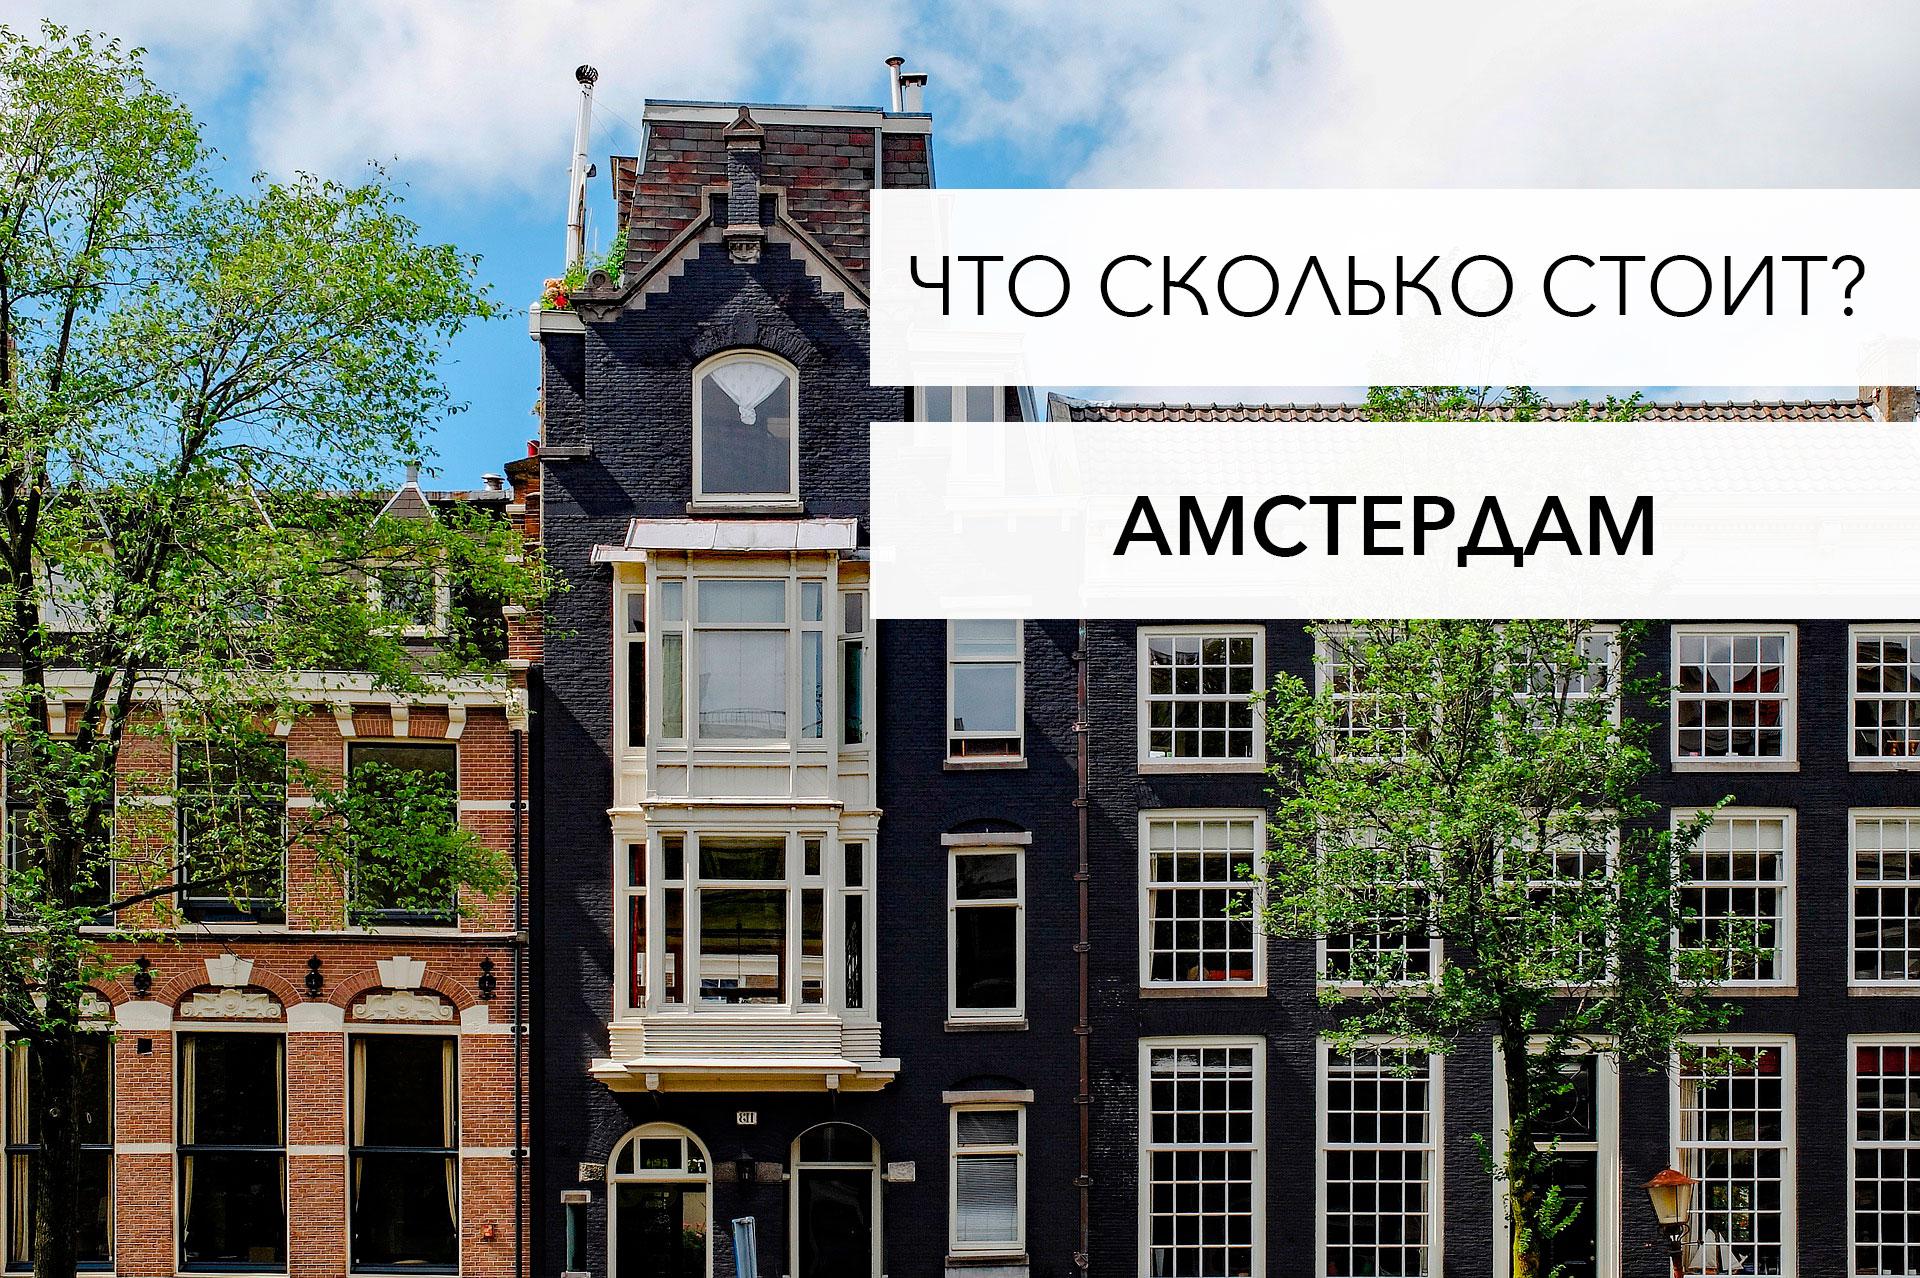 Цены в Амстердаме, Нидерланды: сколько денег взять в поездку?